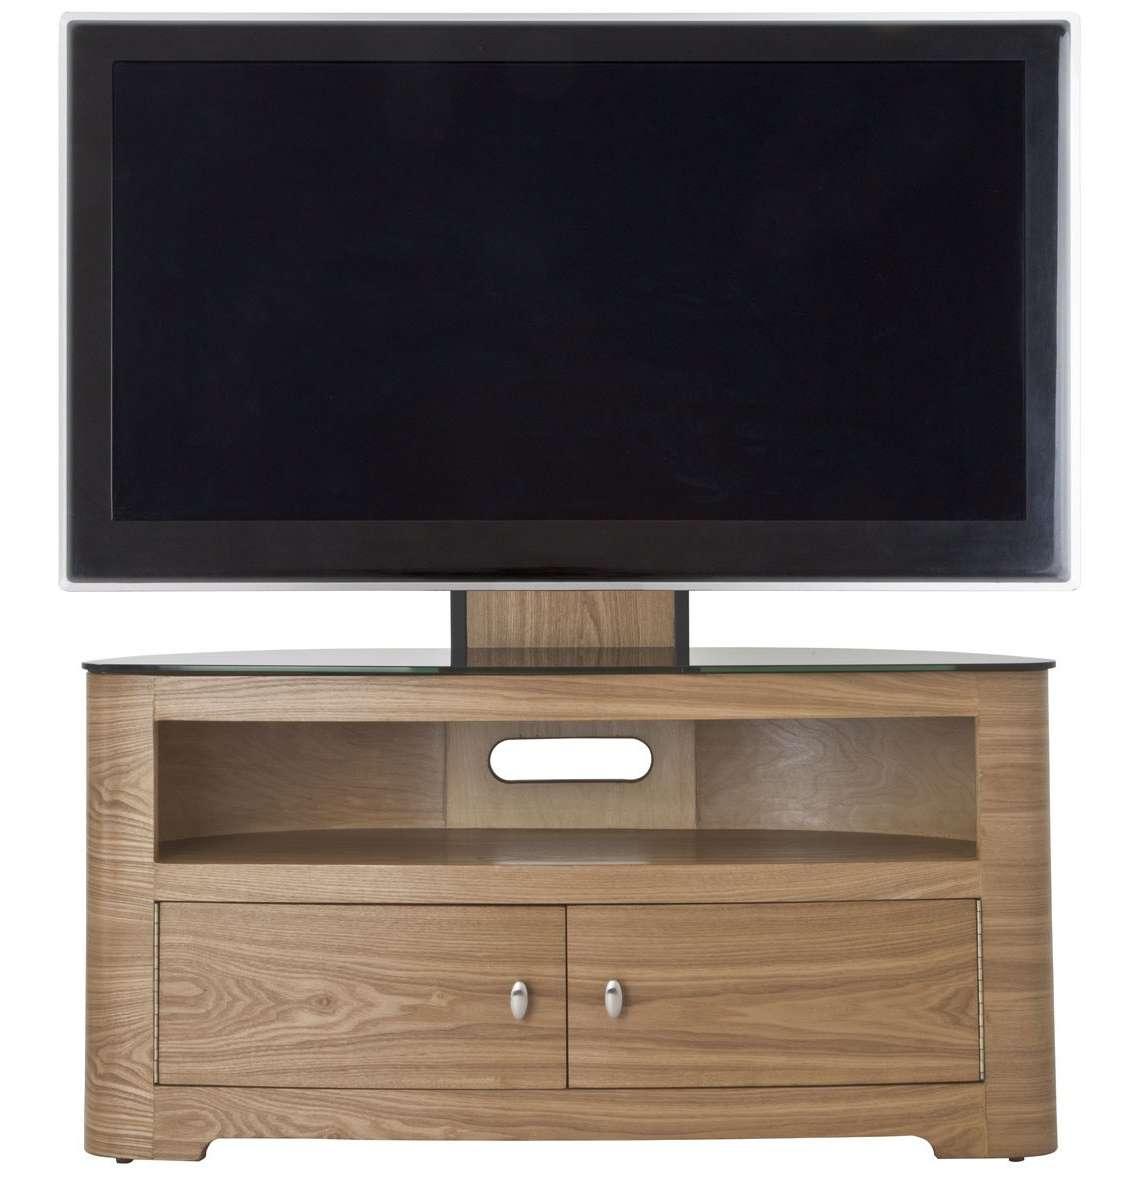 Avf Blenheim Oak Cantilever Tv Stand In Tv Stands In Oak (View 2 of 15)